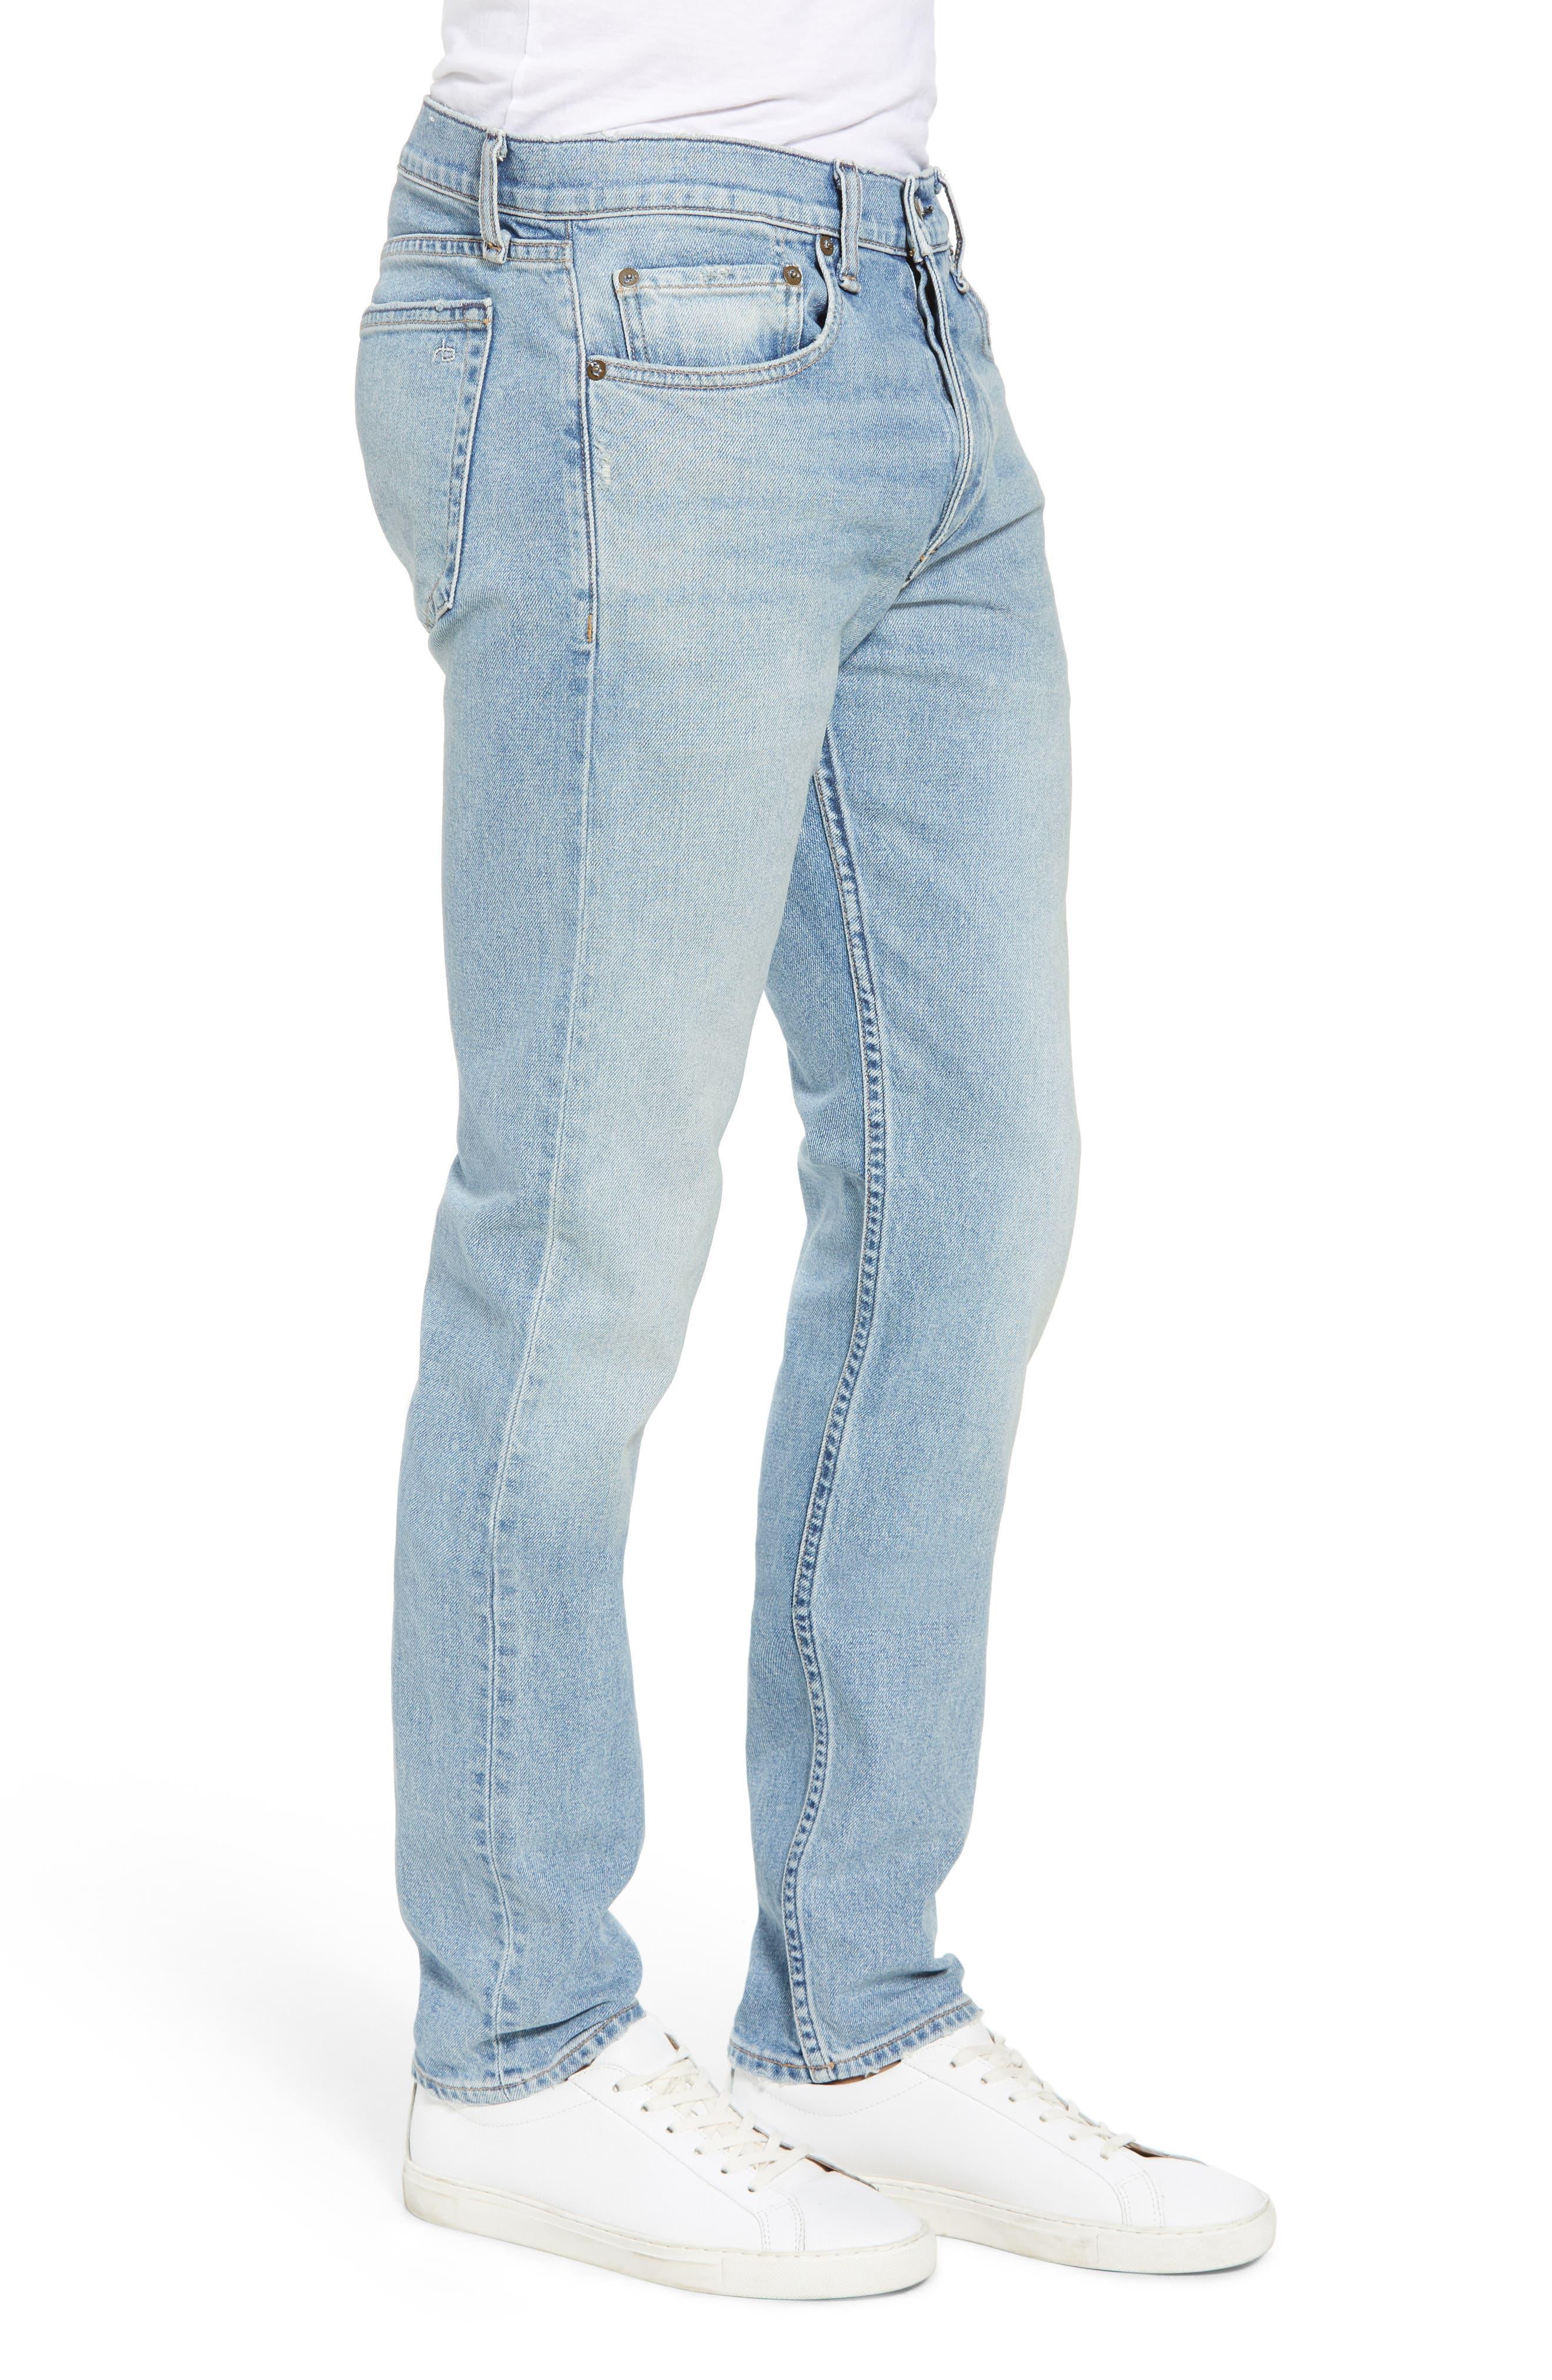 Fit 2 Slim Fit Jeans,                             Alternate thumbnail 3, color,                             400